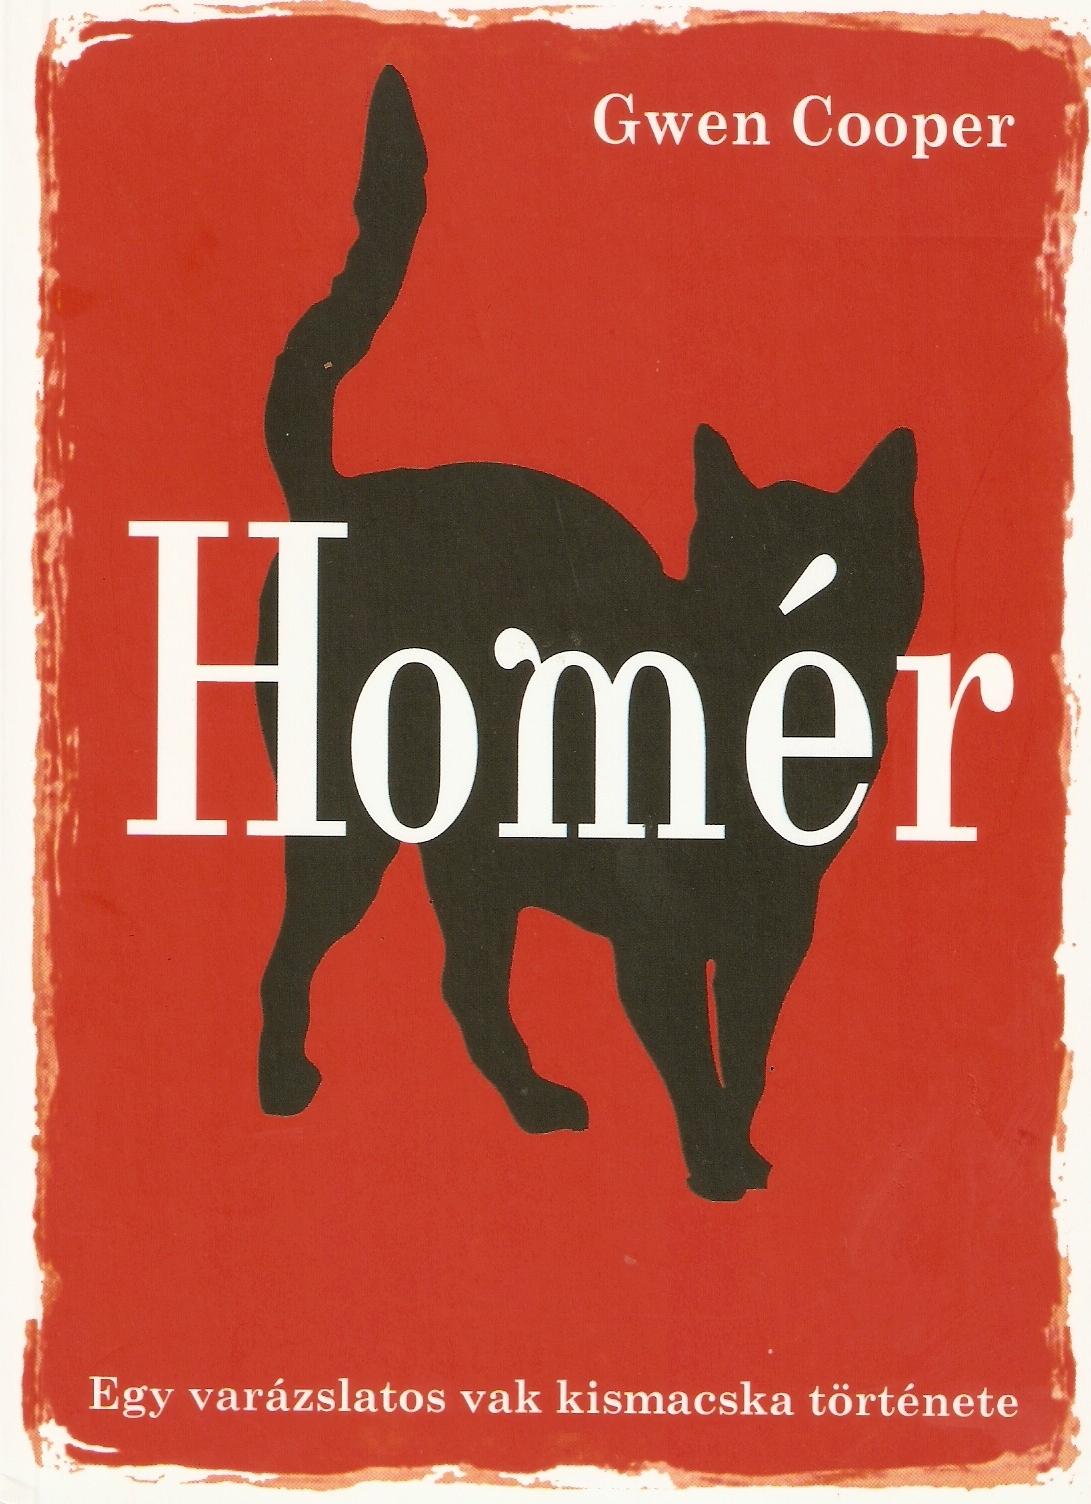 Homér – Egy varázslatos vak kismacska története (Gwen Cooper)